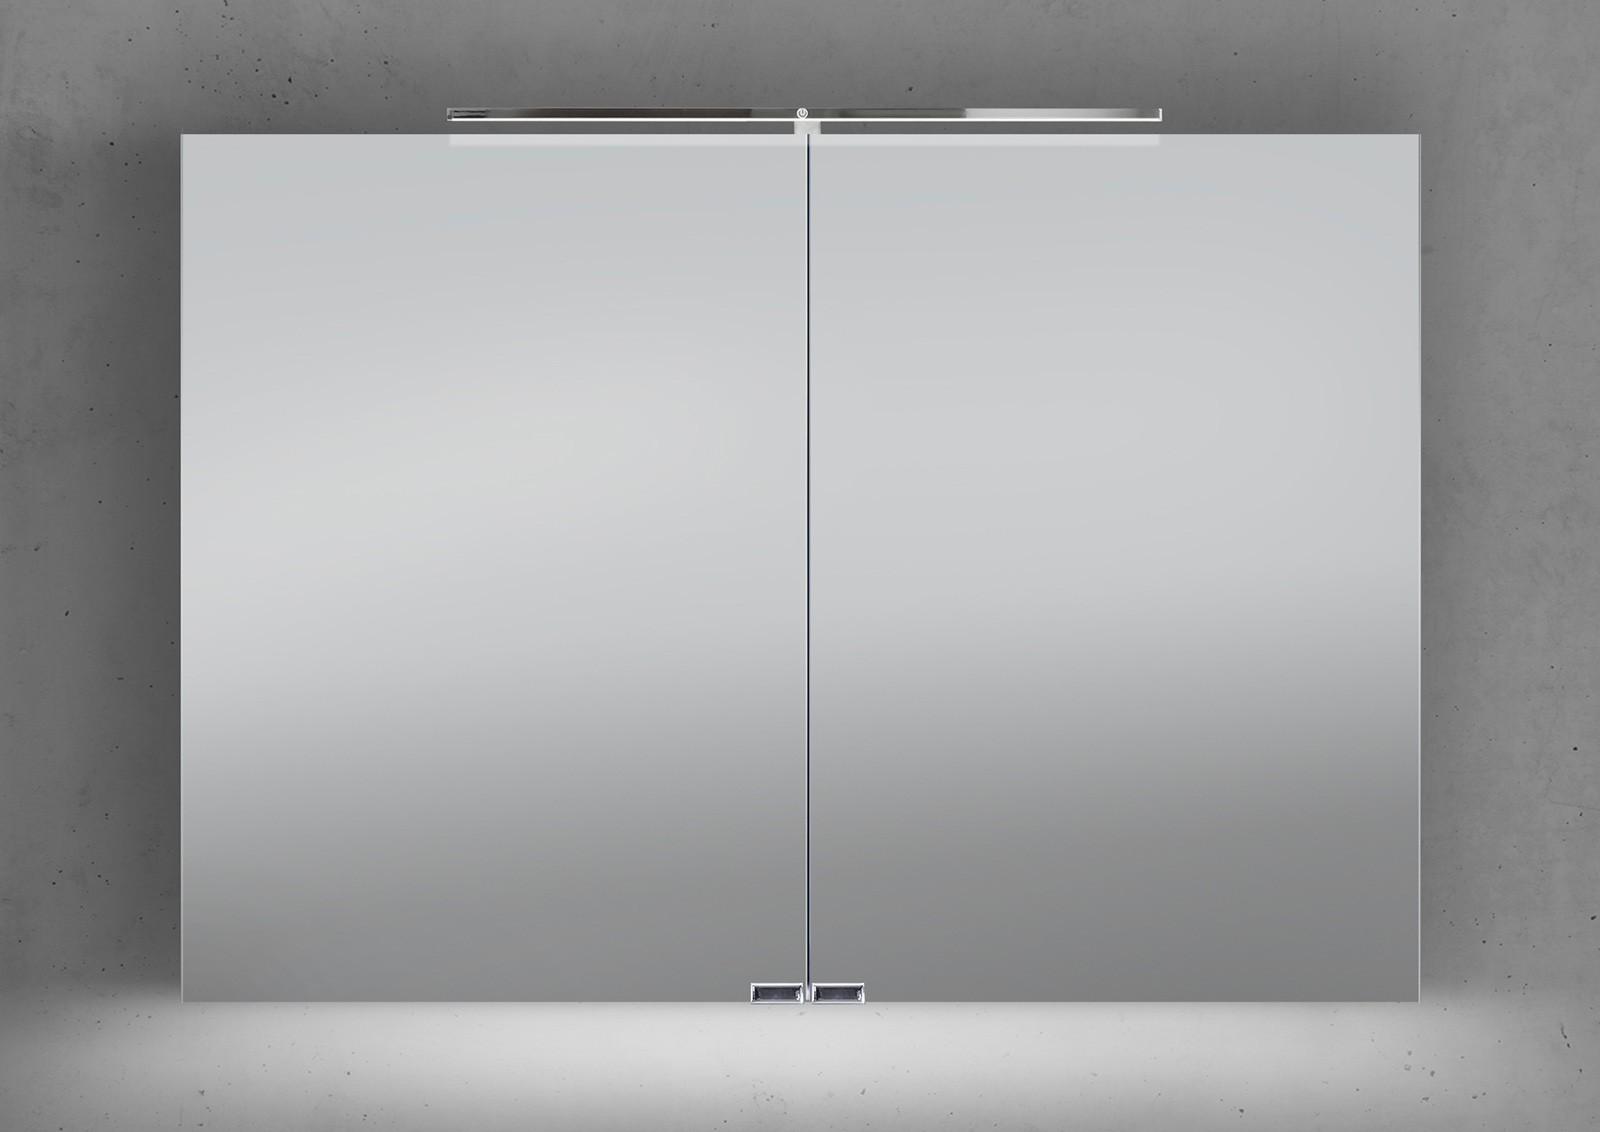 Spiegelschrank 100 cm led beleuchtung mit farbwechsel - Spiegelschrank bad 100 cm ...